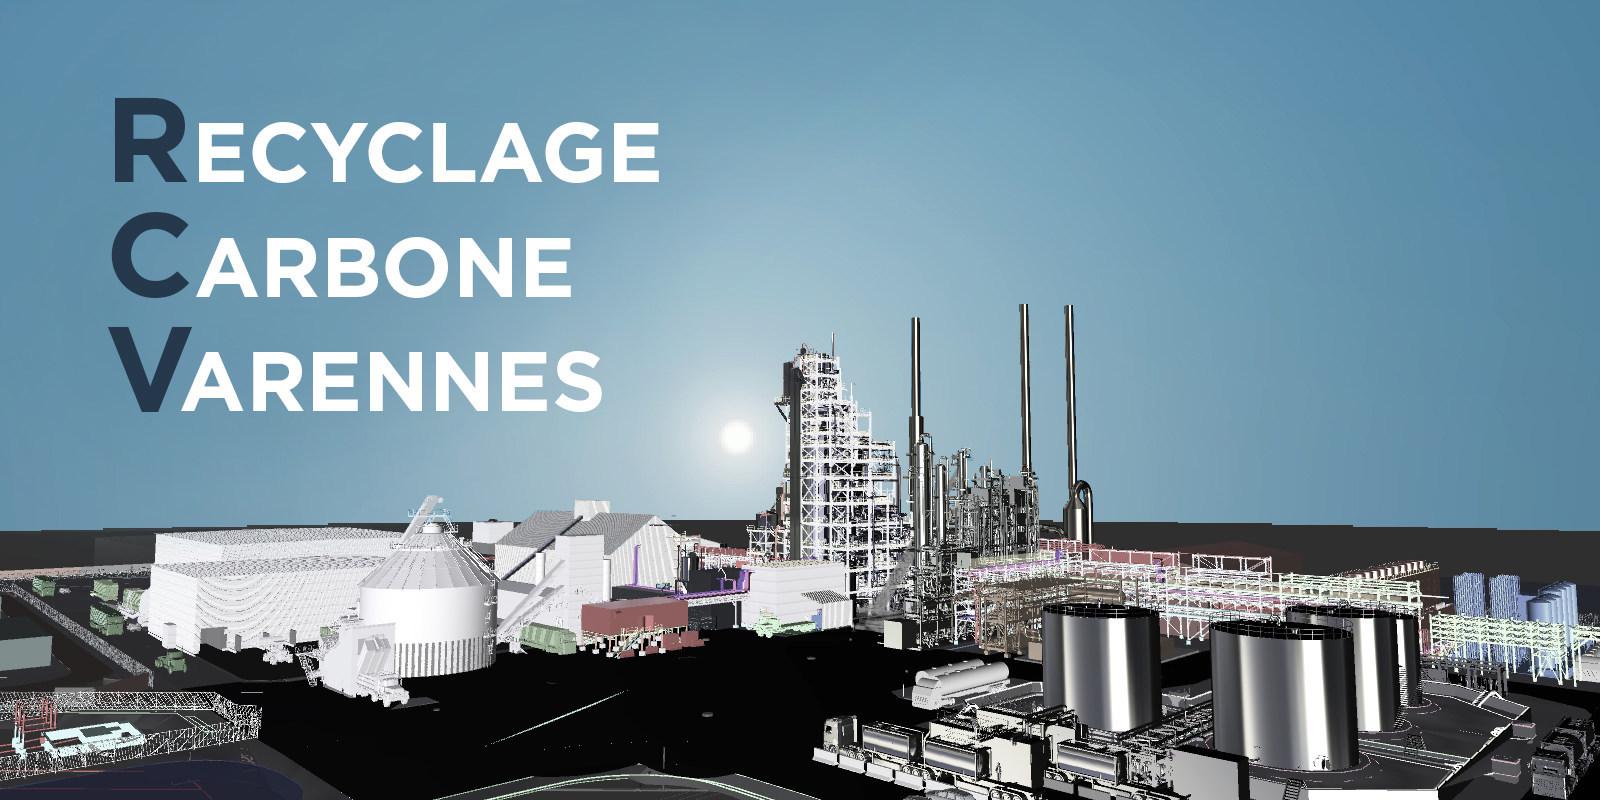 Recyclage Carbone Varennes: une excellente nouvelle économique et environnementale pour la MRC et l'ensemble du Québec!